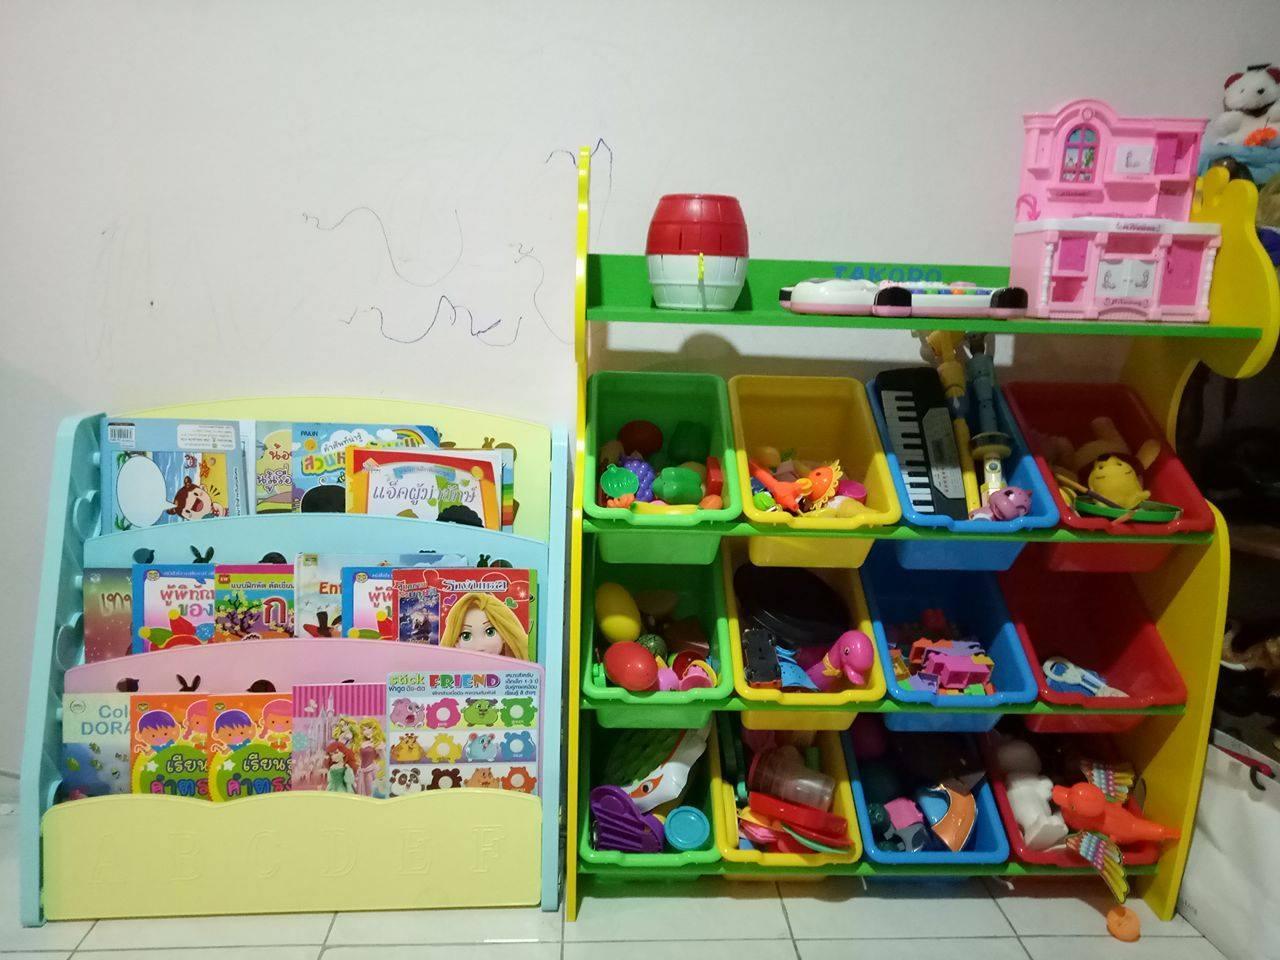 ชั้นวางยีราฟ, ชั้นของเล่น ยีราฟ, ชั้นวางของเด็ก, keeping toy, giraffe keeping toy, ชั้นยีราฟ ราคา, ชั้นยีราฟ ร้าน, ชั้นยีราฟ ของเล่น, ชั้นวางของ, ชั้นวางของ ราคา, ชั้นวาง ของเล่น, ชั้นเด็ก, เก็บของเล่น, ชั้นเก็บของเล่น, เก็บของเล่นยีราฟ, ชั้นเก็บยีราฟ